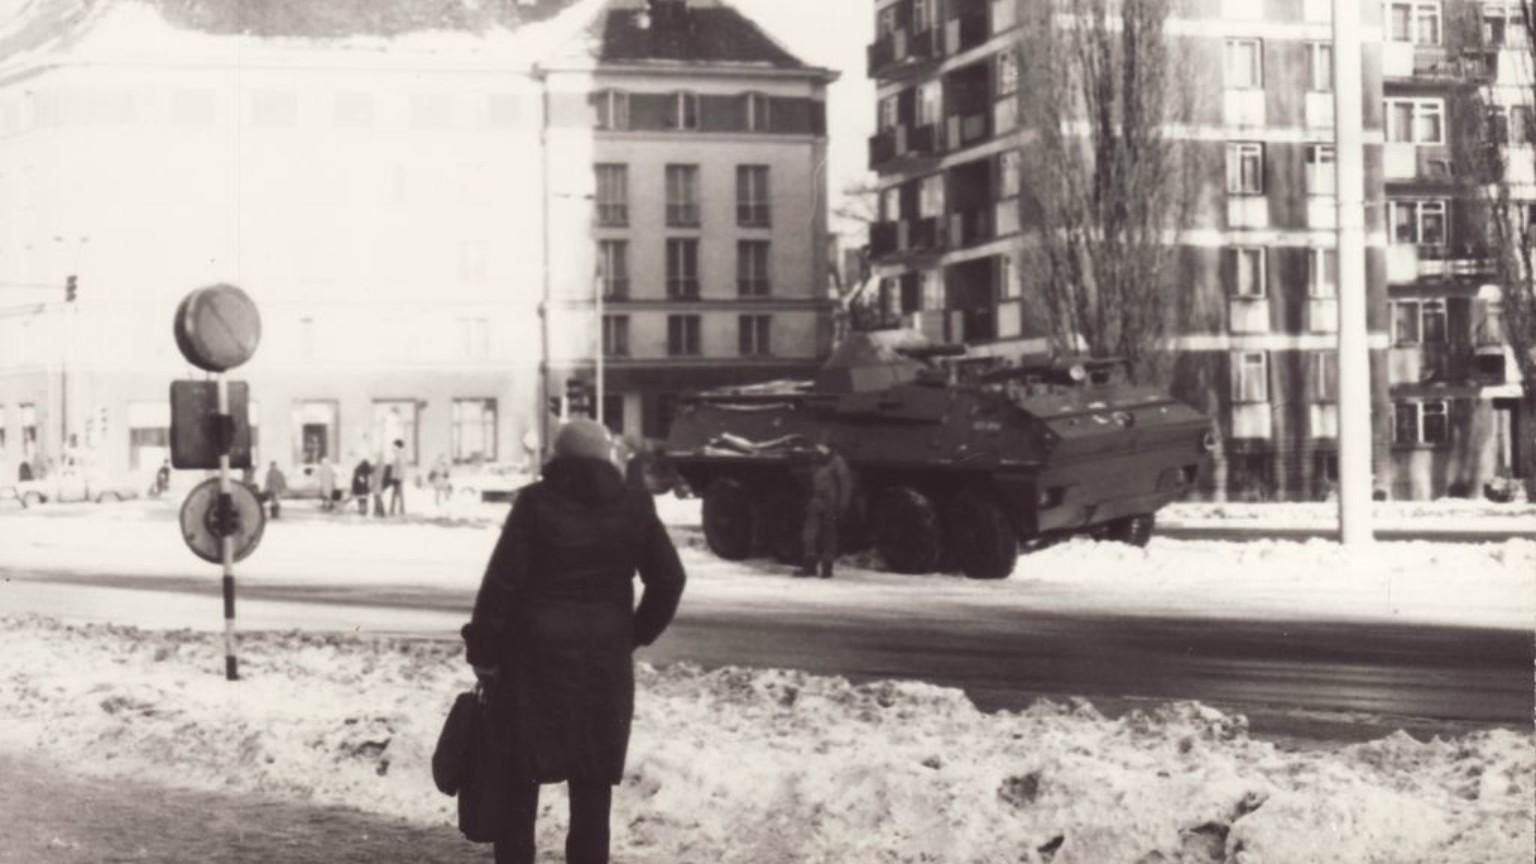 Zdjęcie dla kartki: Stan wojenny na ulicach Warszawy